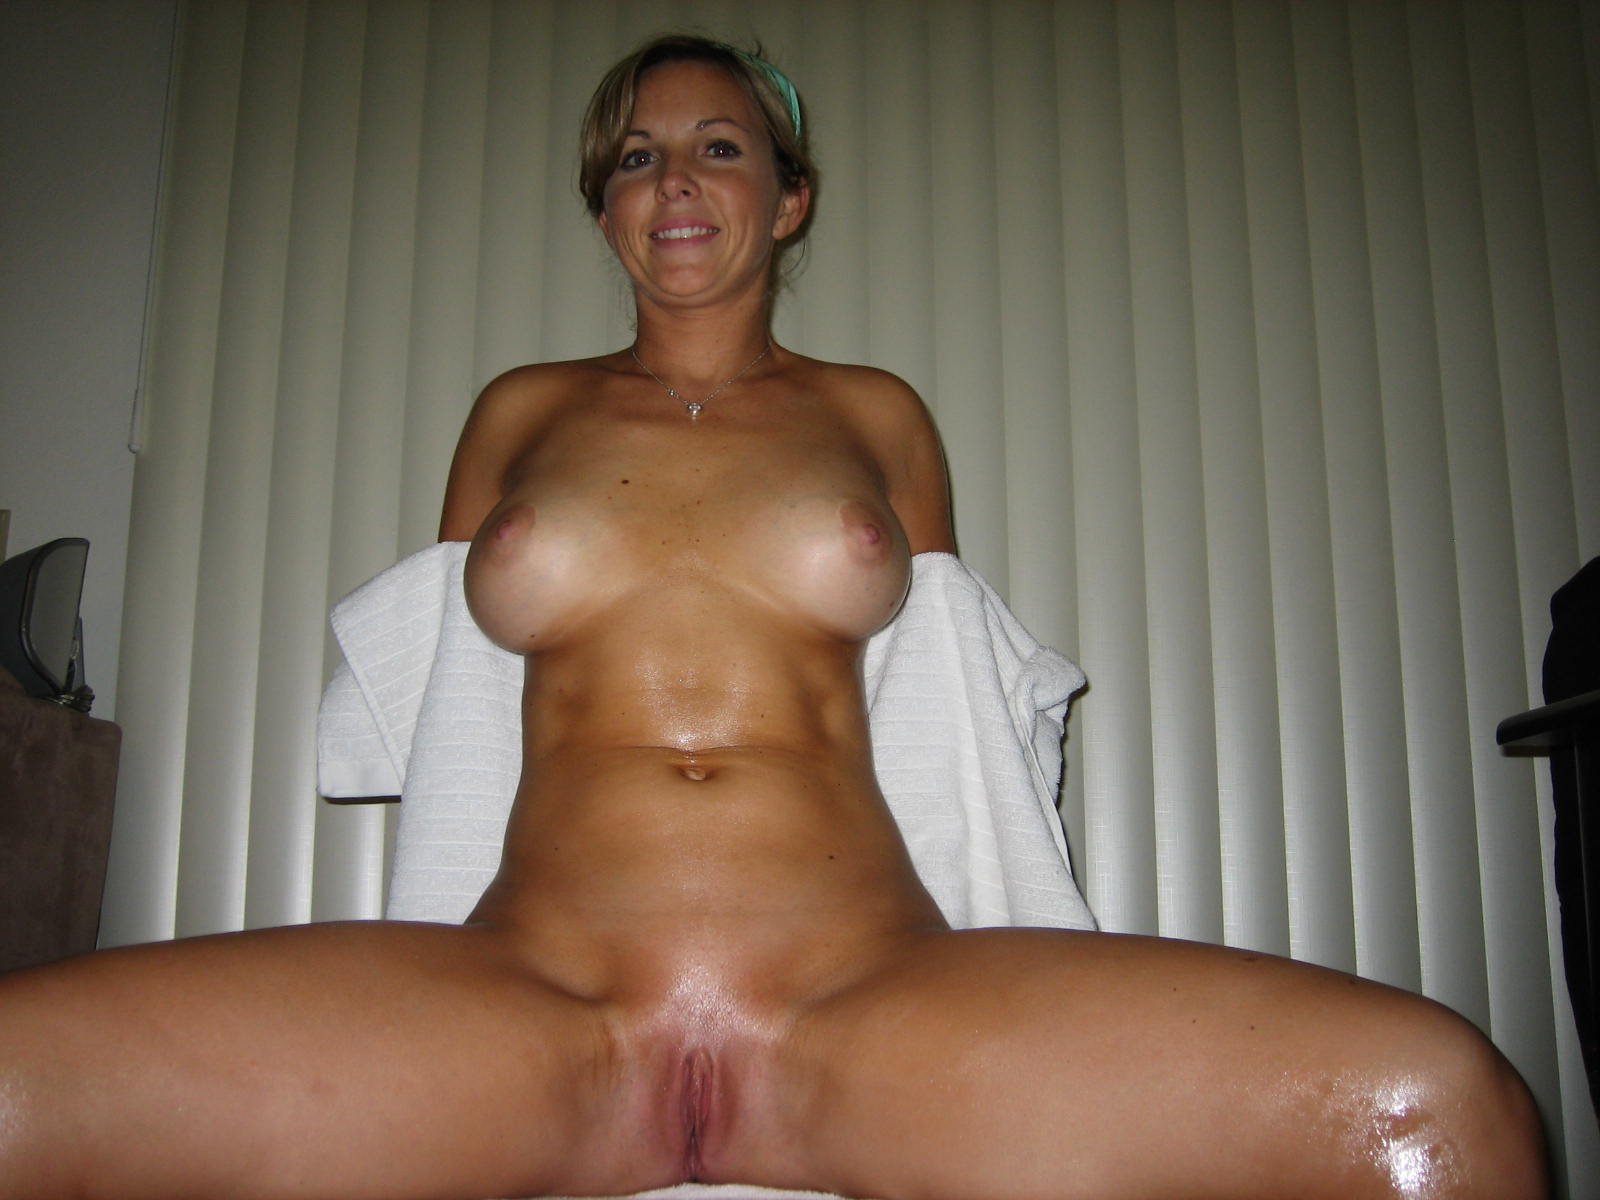 Hot Amateur Milf Nude